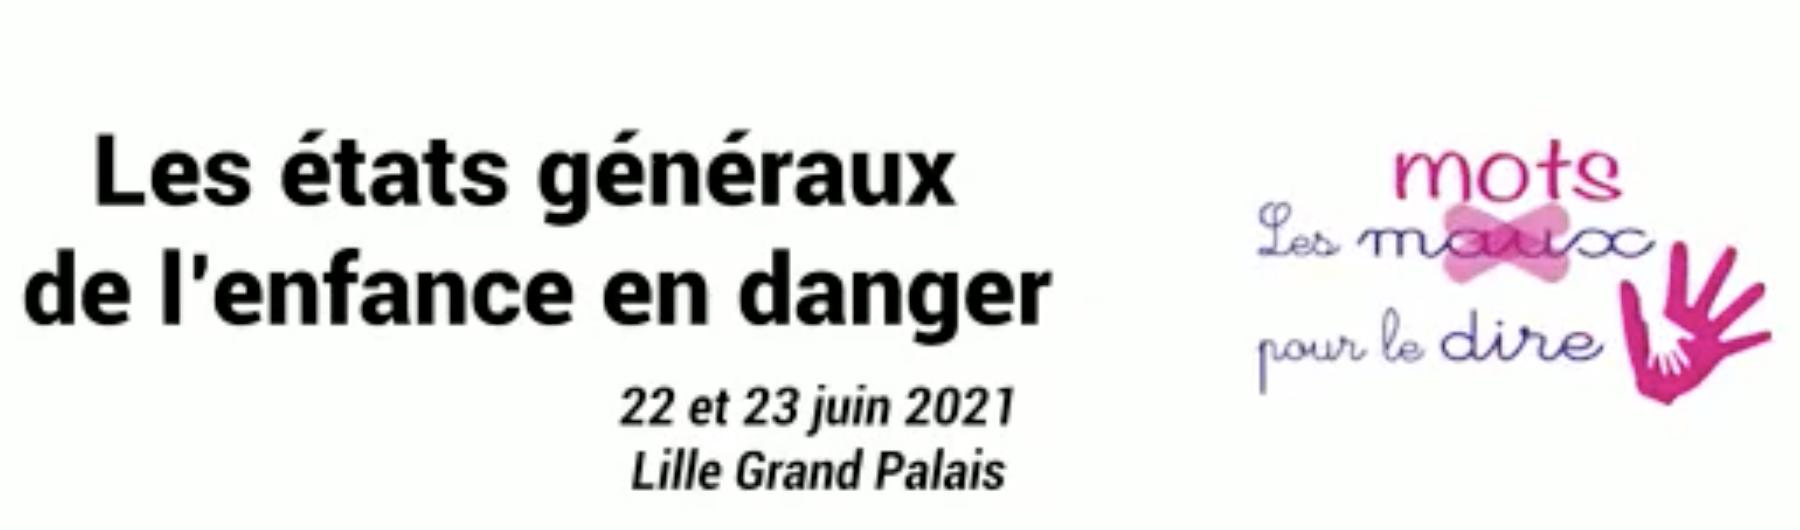 états généraux de l 'enfance en danger